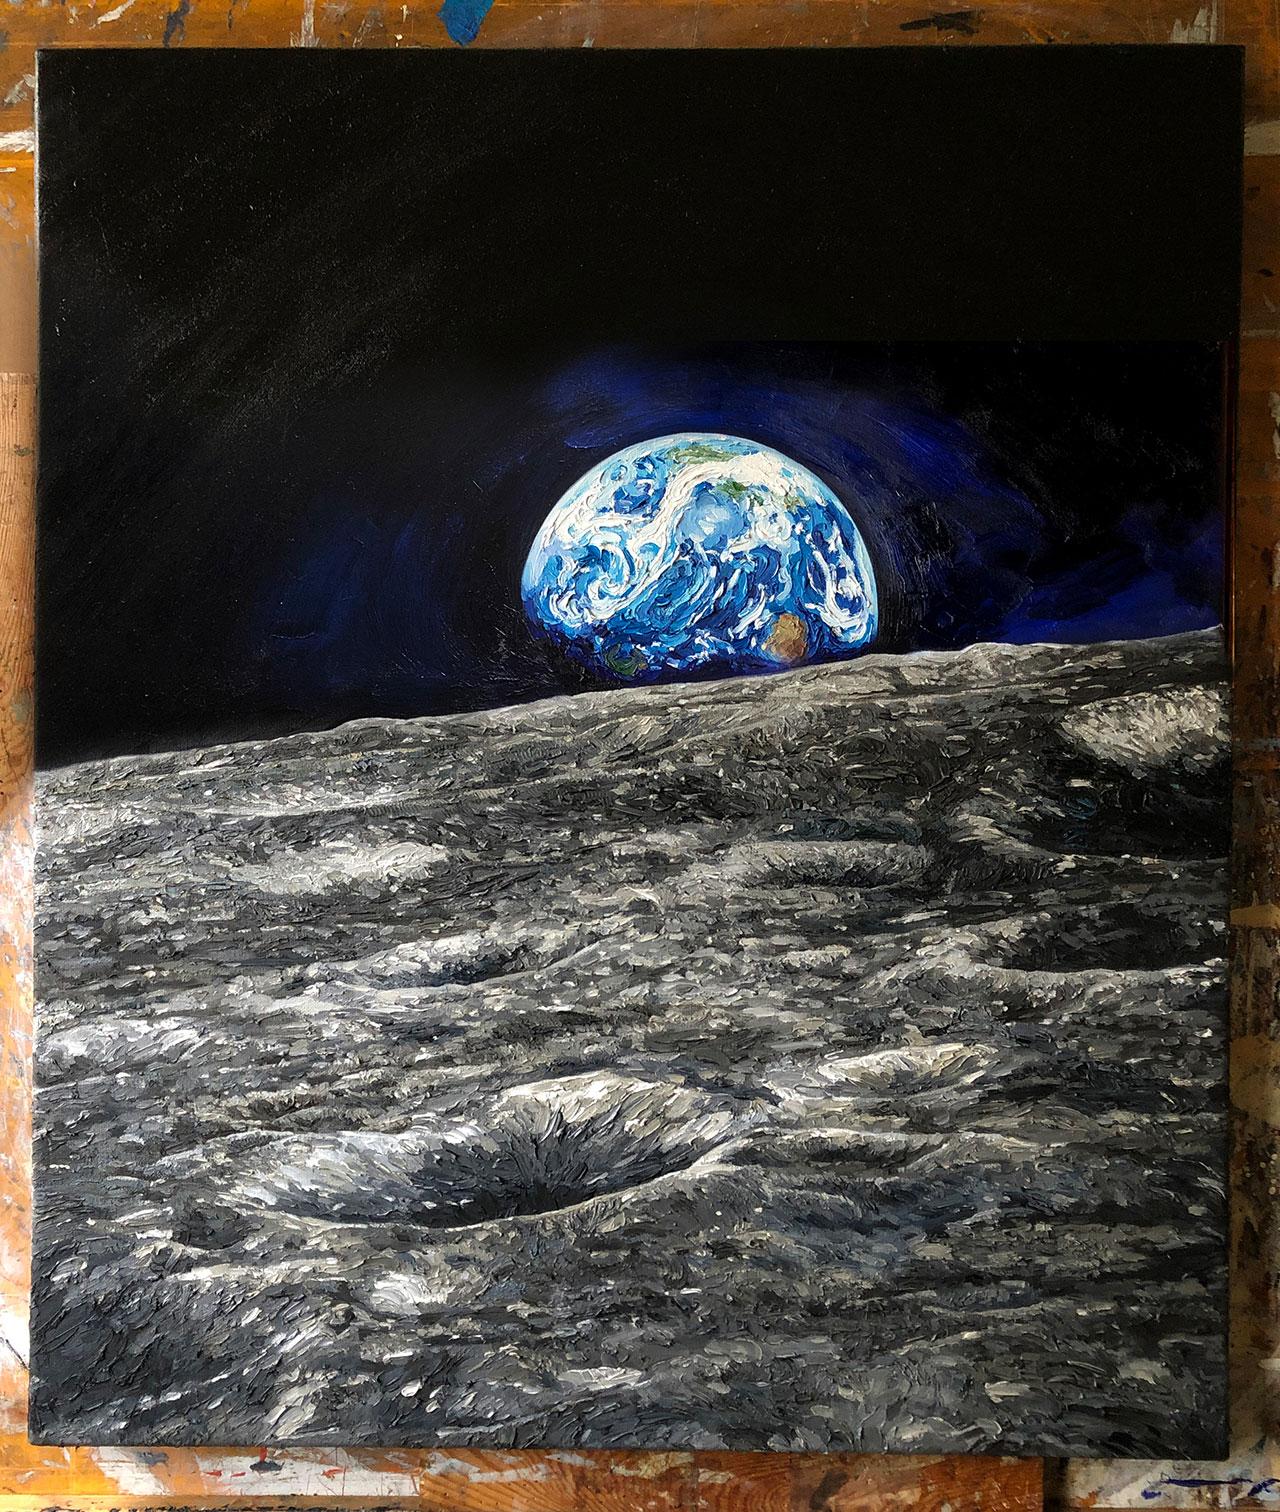 """Peinture de l'artiste Chris Calle pour le 50e anniversaire de la mission d'atterrissage sur la lune Apollo 14, """"Touché par la lune,"""" dépeint Earthrise utilisant des peintures à l'huile infusées avec les restes de sciure d'un arbre lunaire sycomore tombé qui, en tant que graine, s'est envolé vers la lune à bord de la mission de 1971."""